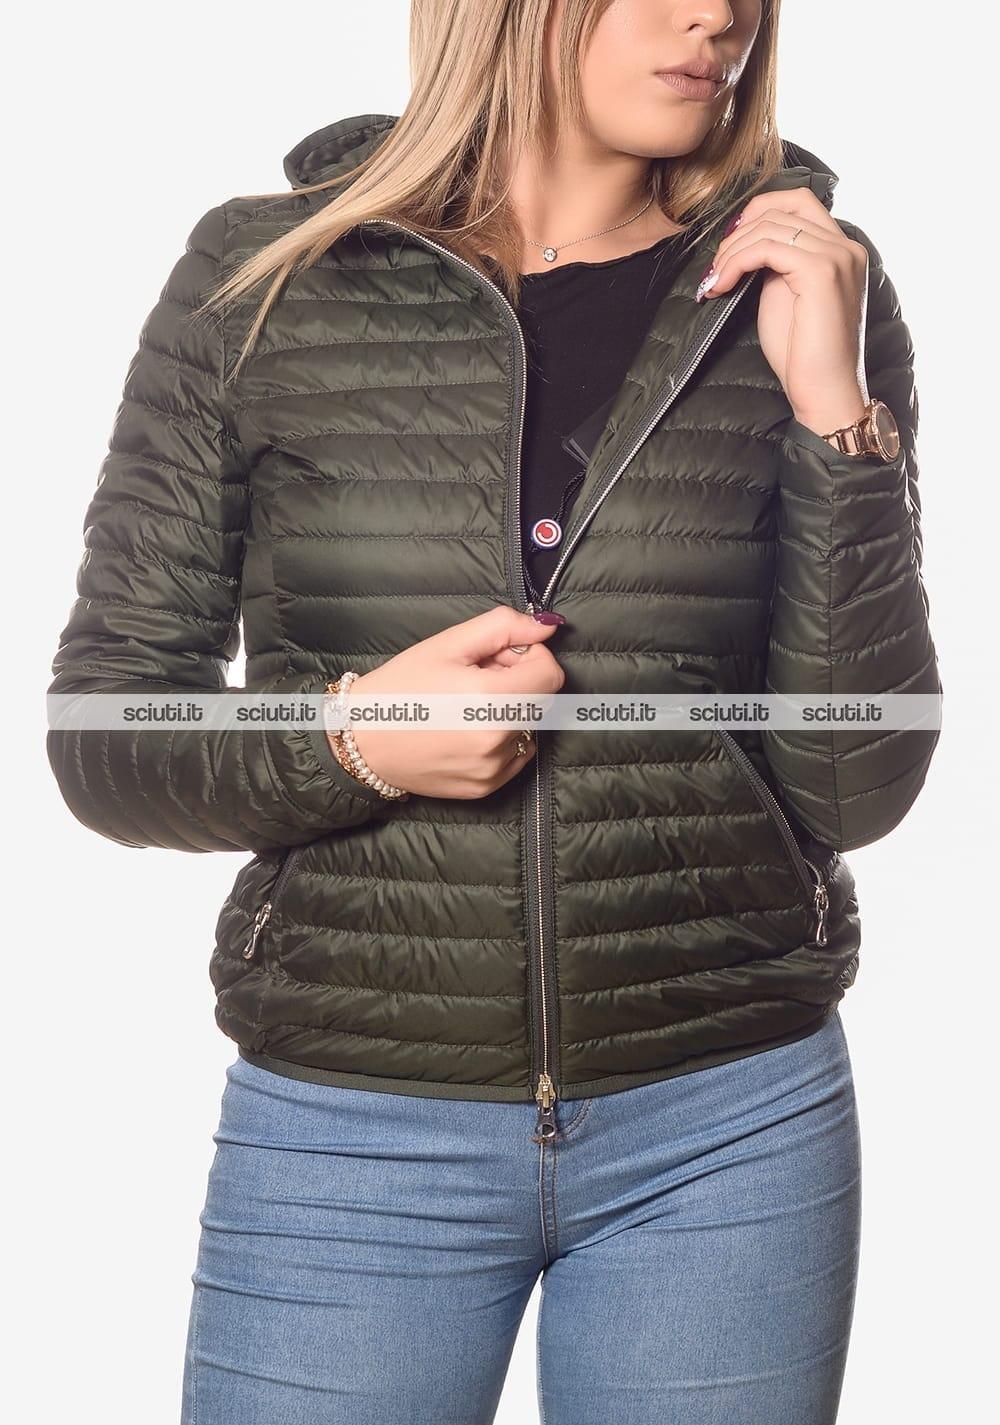 sale retailer cf9c2 85b61 Piumino Colmar donna leggero con cappuccio verde scuro ...